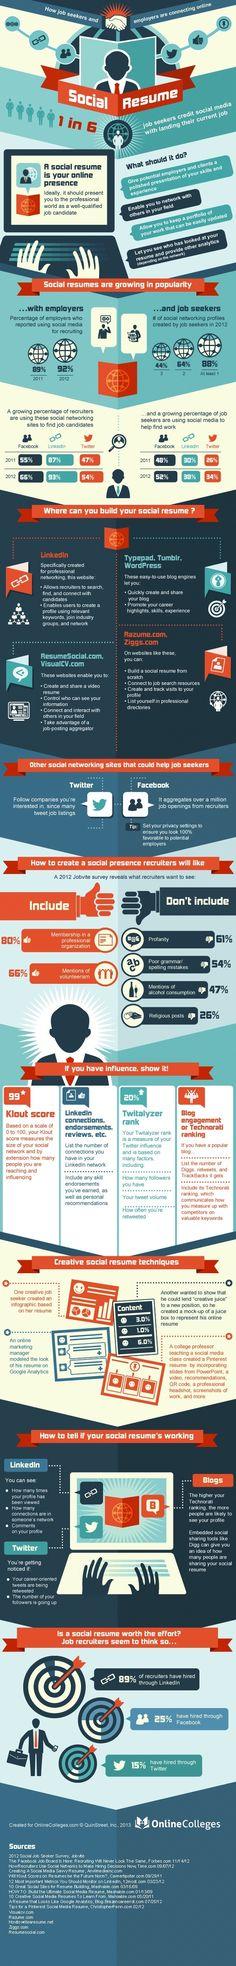 Come i #Social Media possono aiutarti a trovare #lavoro